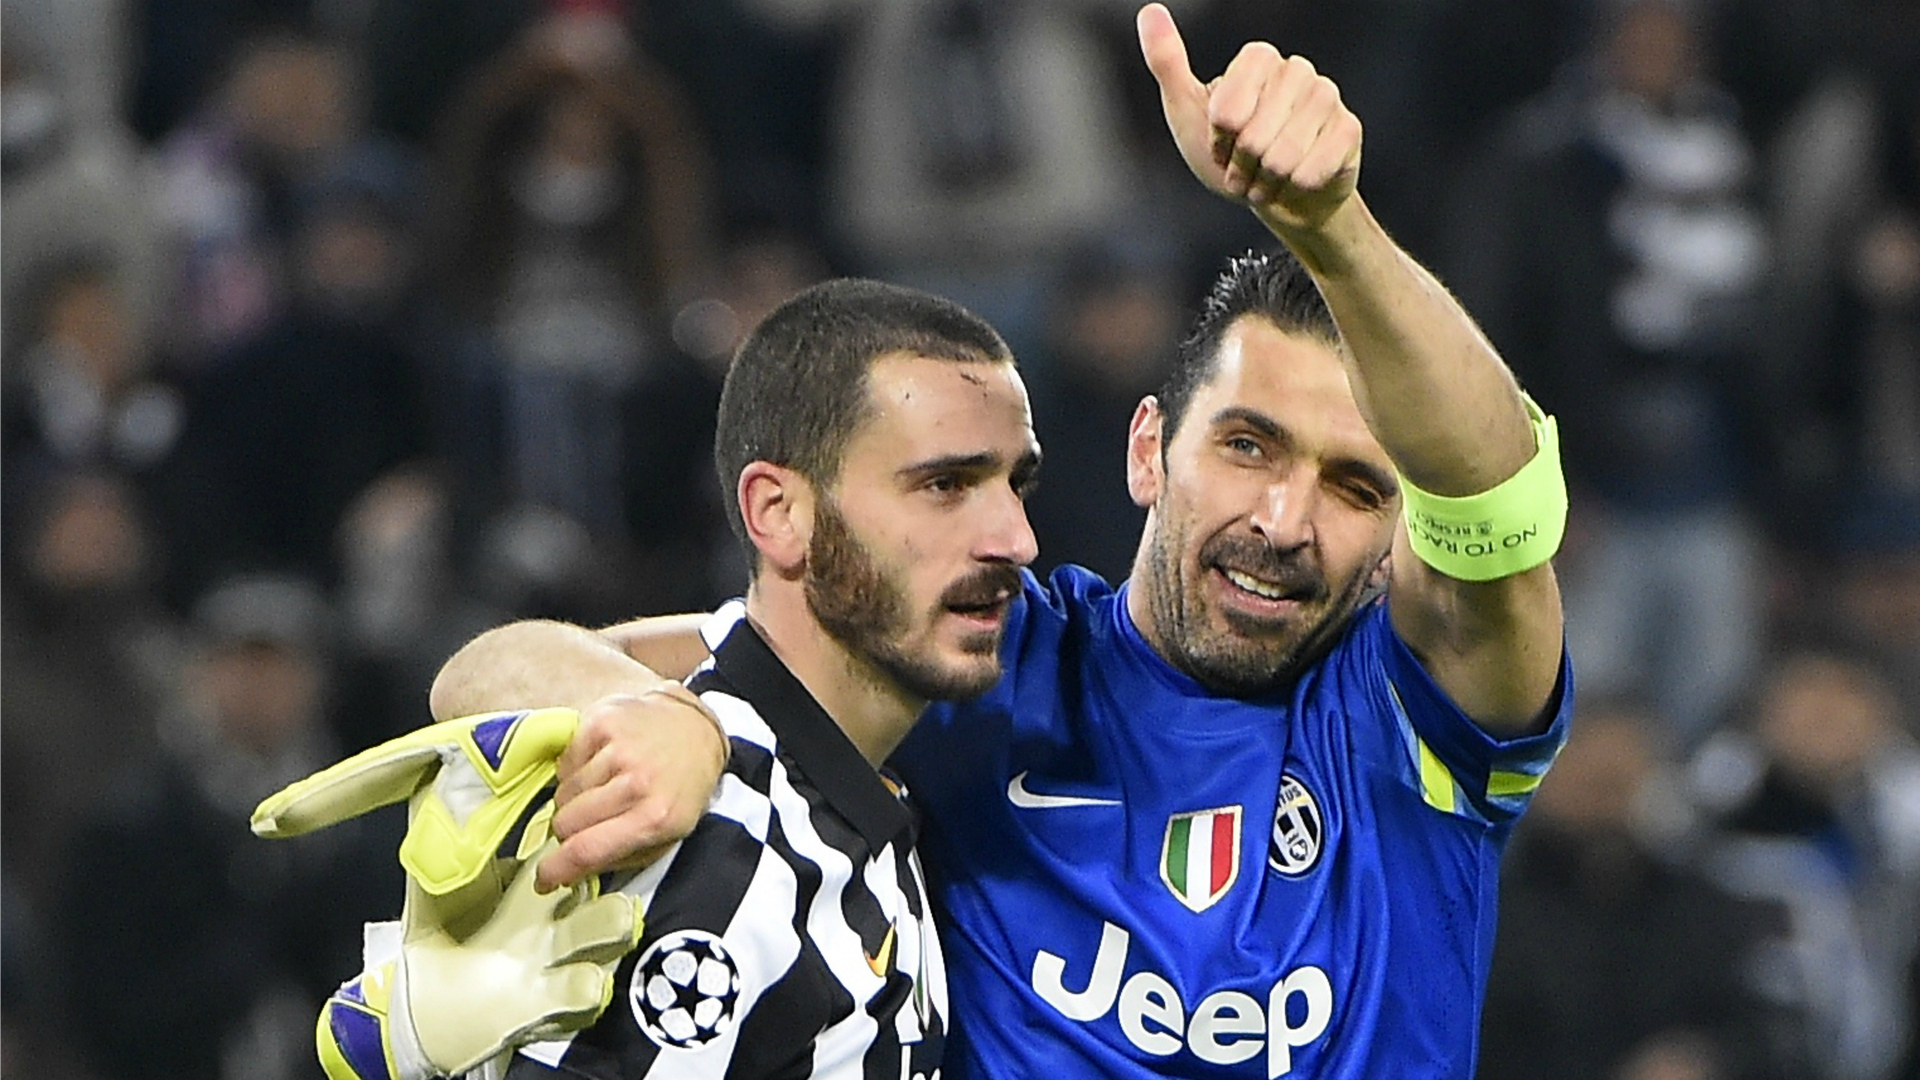 SỐC: Chỉ mình Buffon muốn Bonucci ở lại Juventus